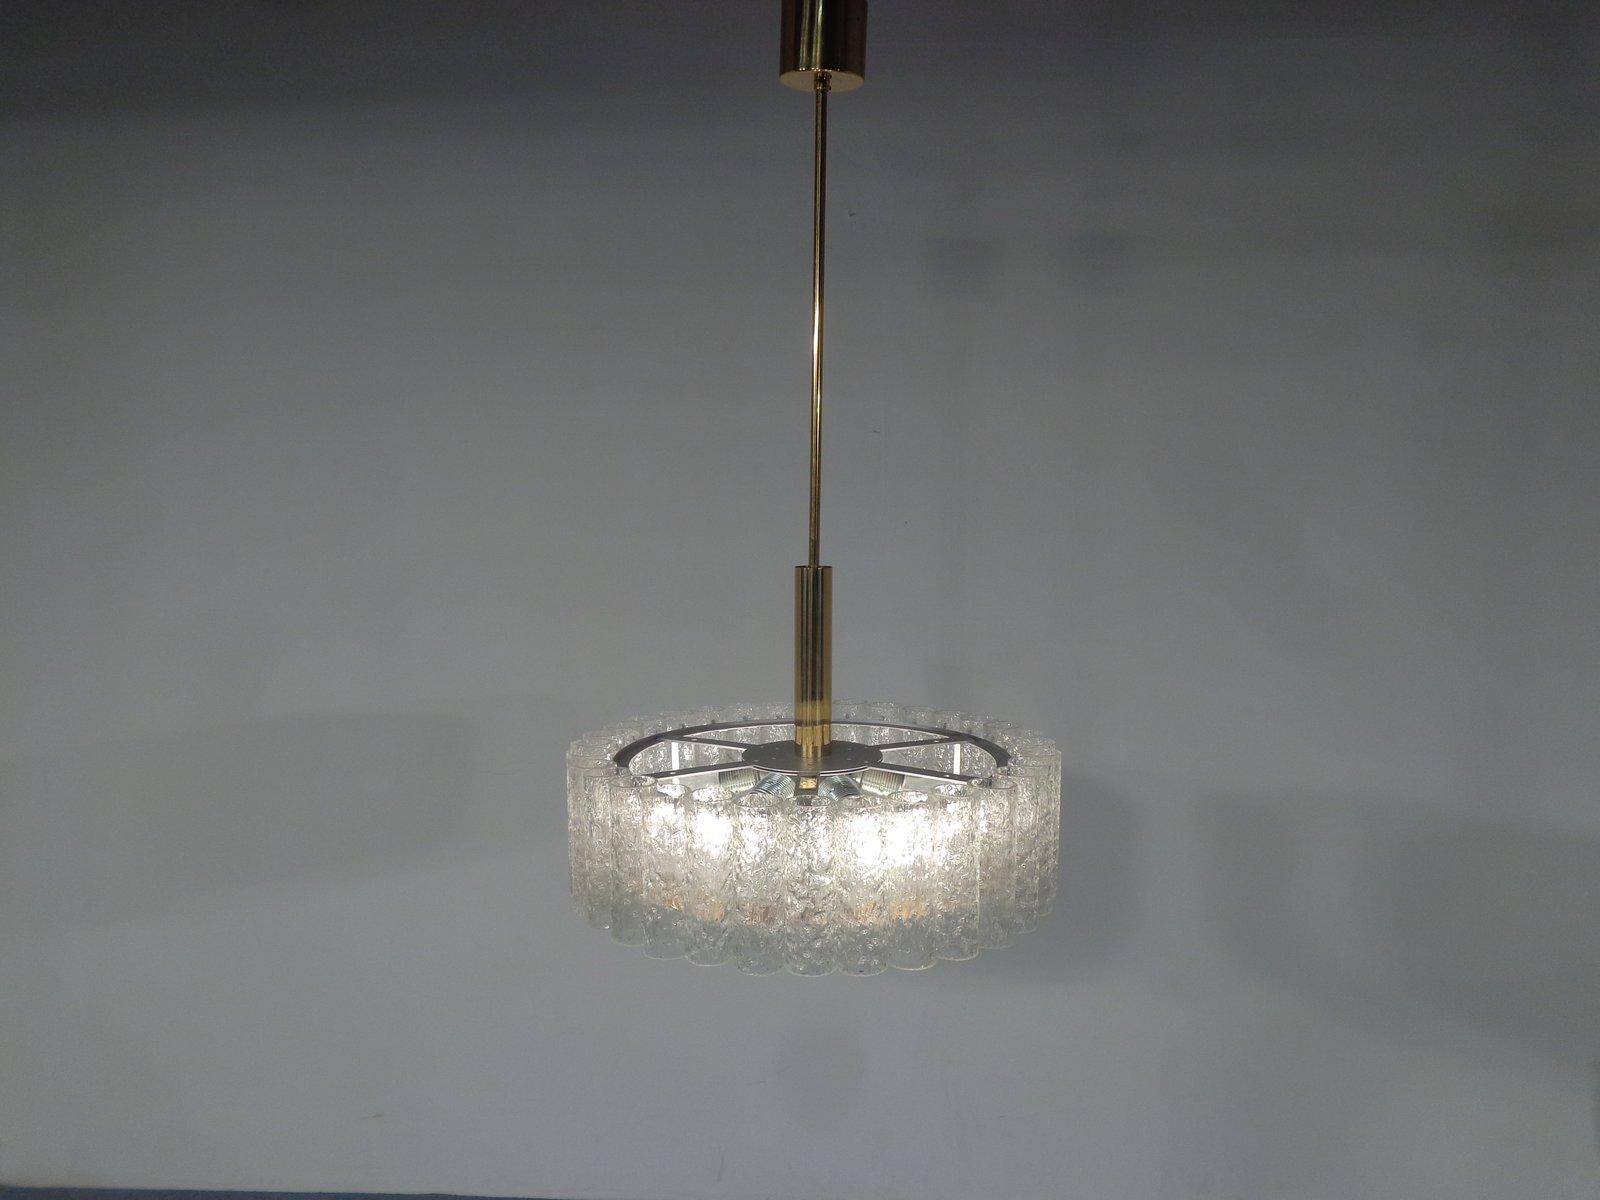 Lampade Da Soffitto Di Design : Lampada da soffitto di doria anni in vendita su pamono